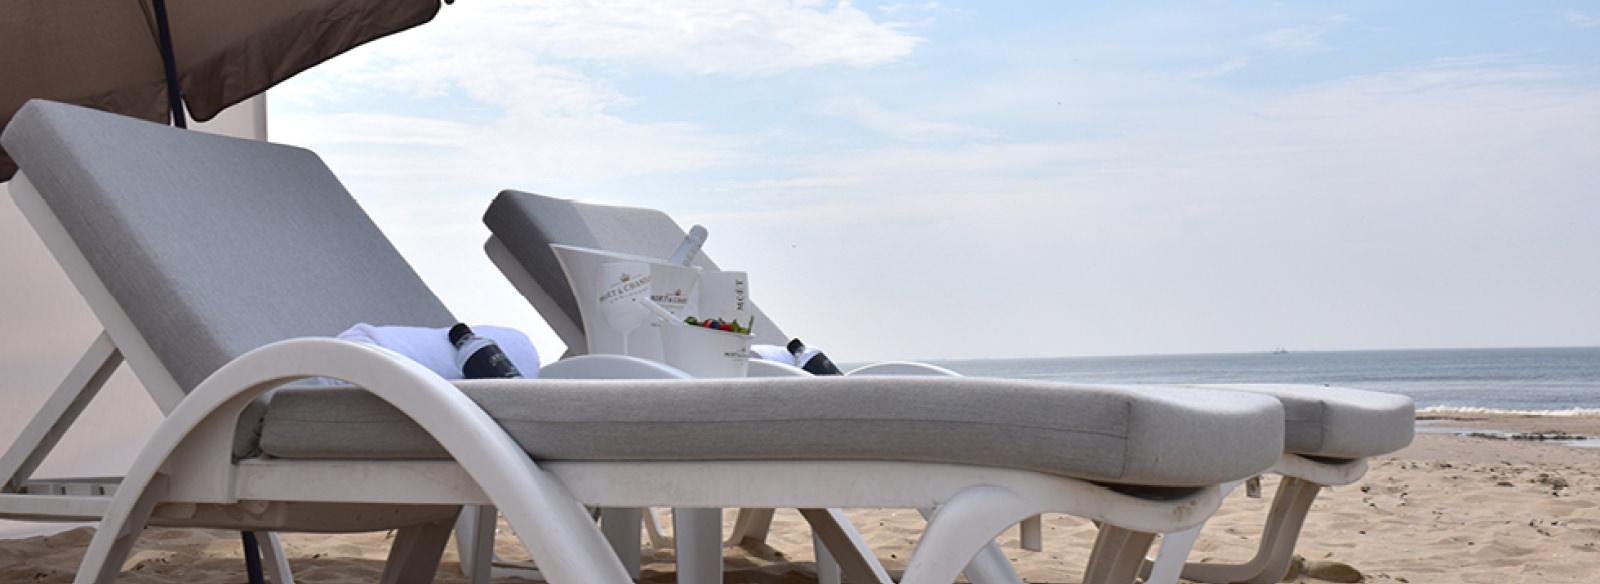 Strandbedjes - Alexander Beach Club - Noordwijk aan Zee